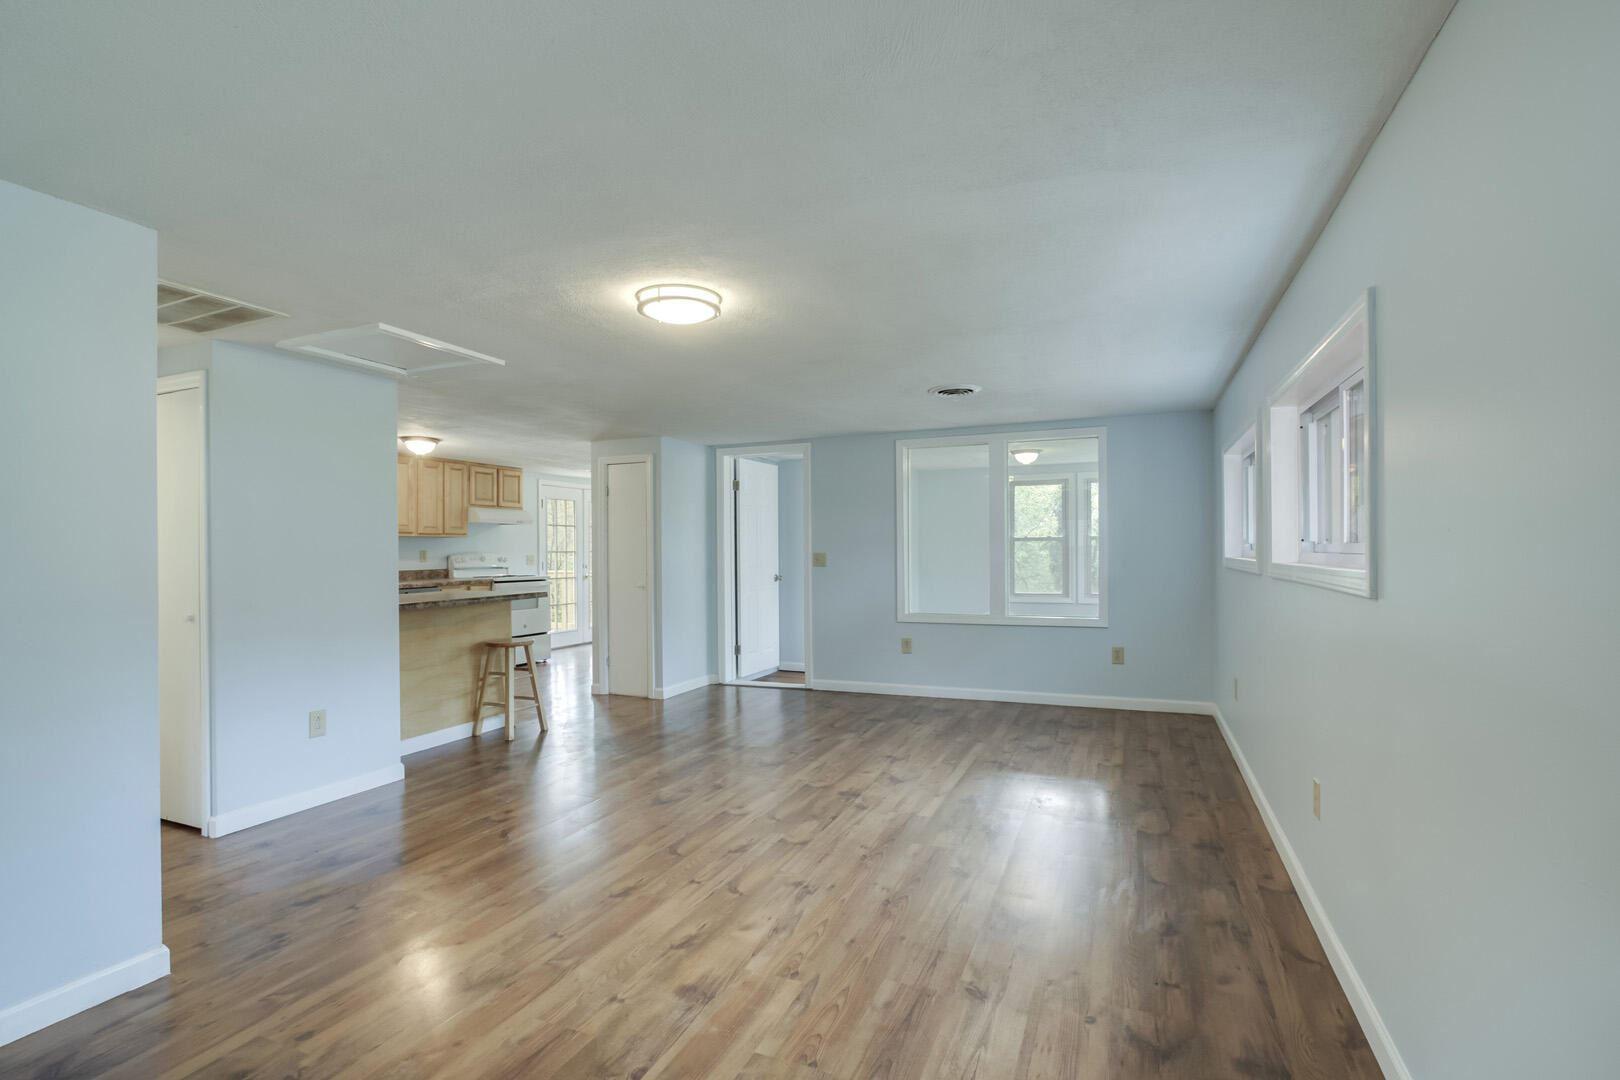 Photo of 131 Wainwright Rd, Oak Ridge, TN 37830 (MLS # 1149045)